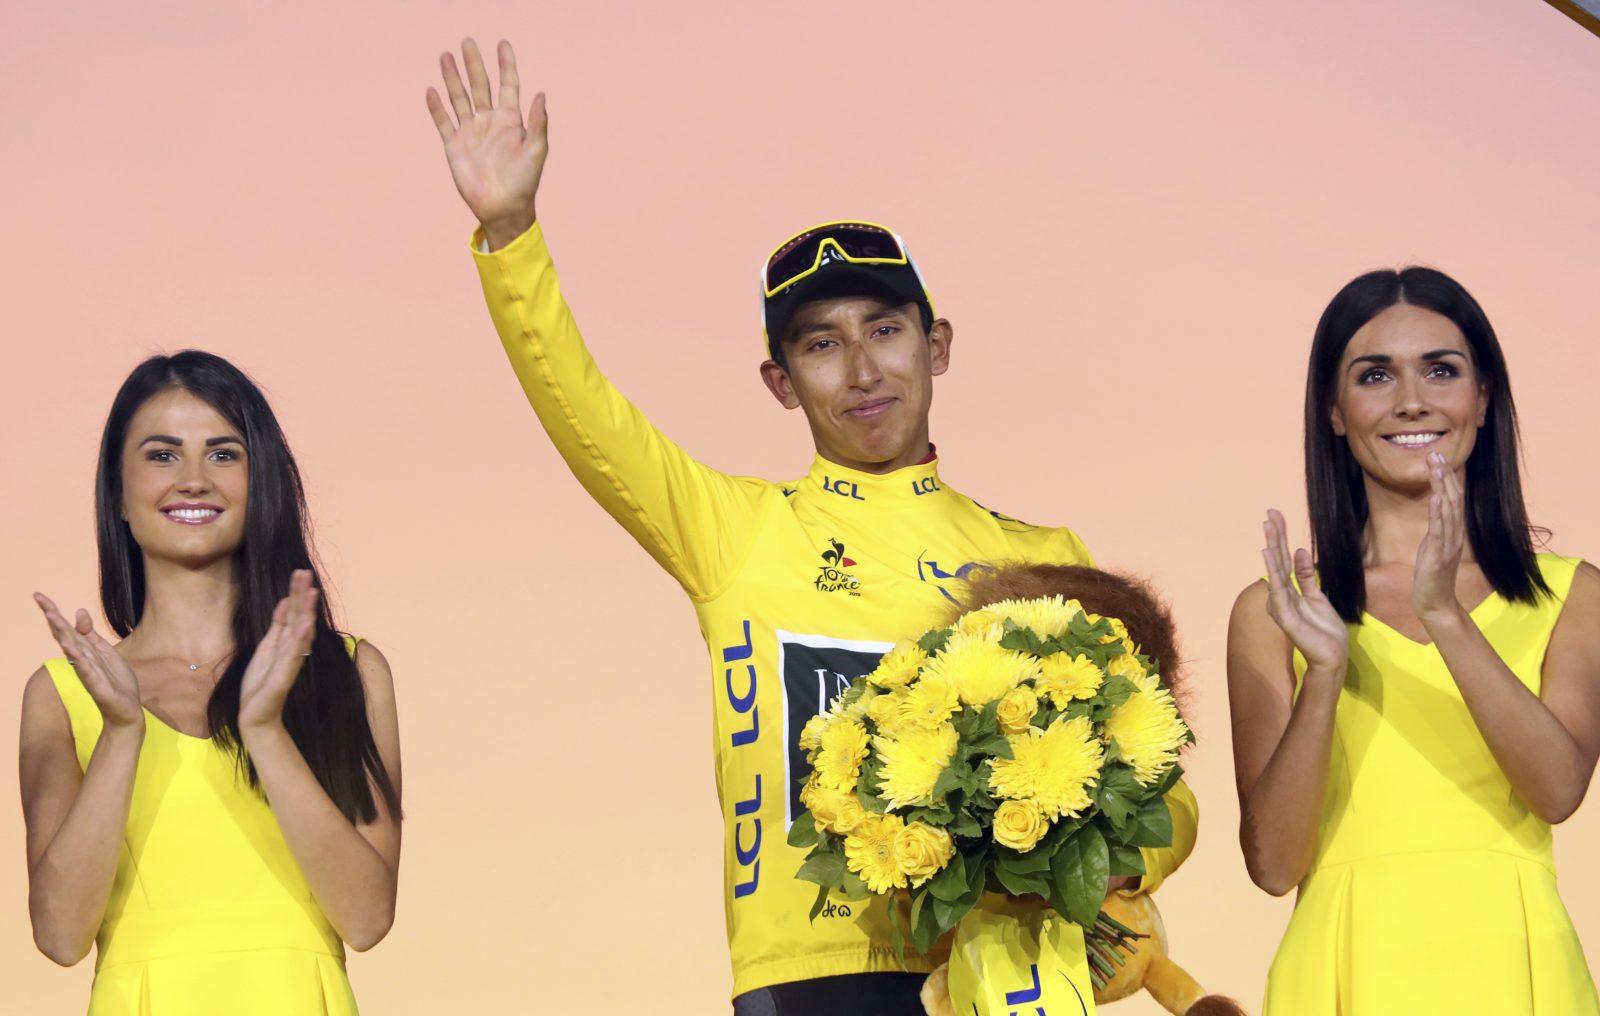 Der Sieger der Tour de France 2019, Egan Bernal,; künftig soll eine Podiumshostess durch einen Mann ersetzt werden Foto: picture alliance / AP Photo